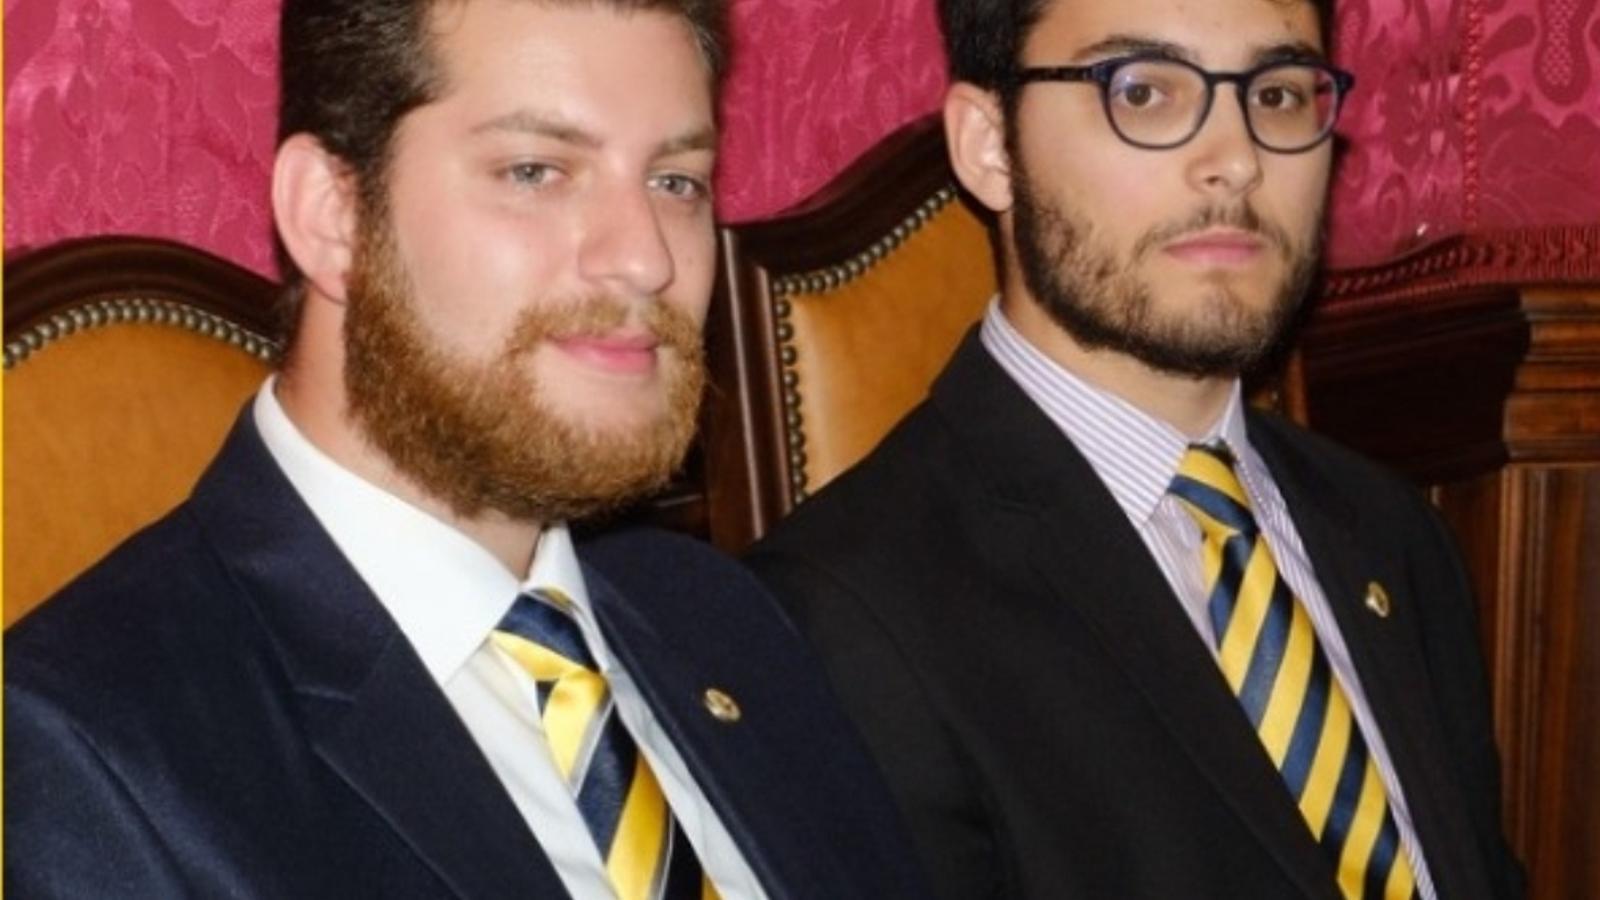 Alexandro Gaffar i Eloy Crussat, els dos regidors de Llibertat Llucmajor, expulsats del pacte de govern.